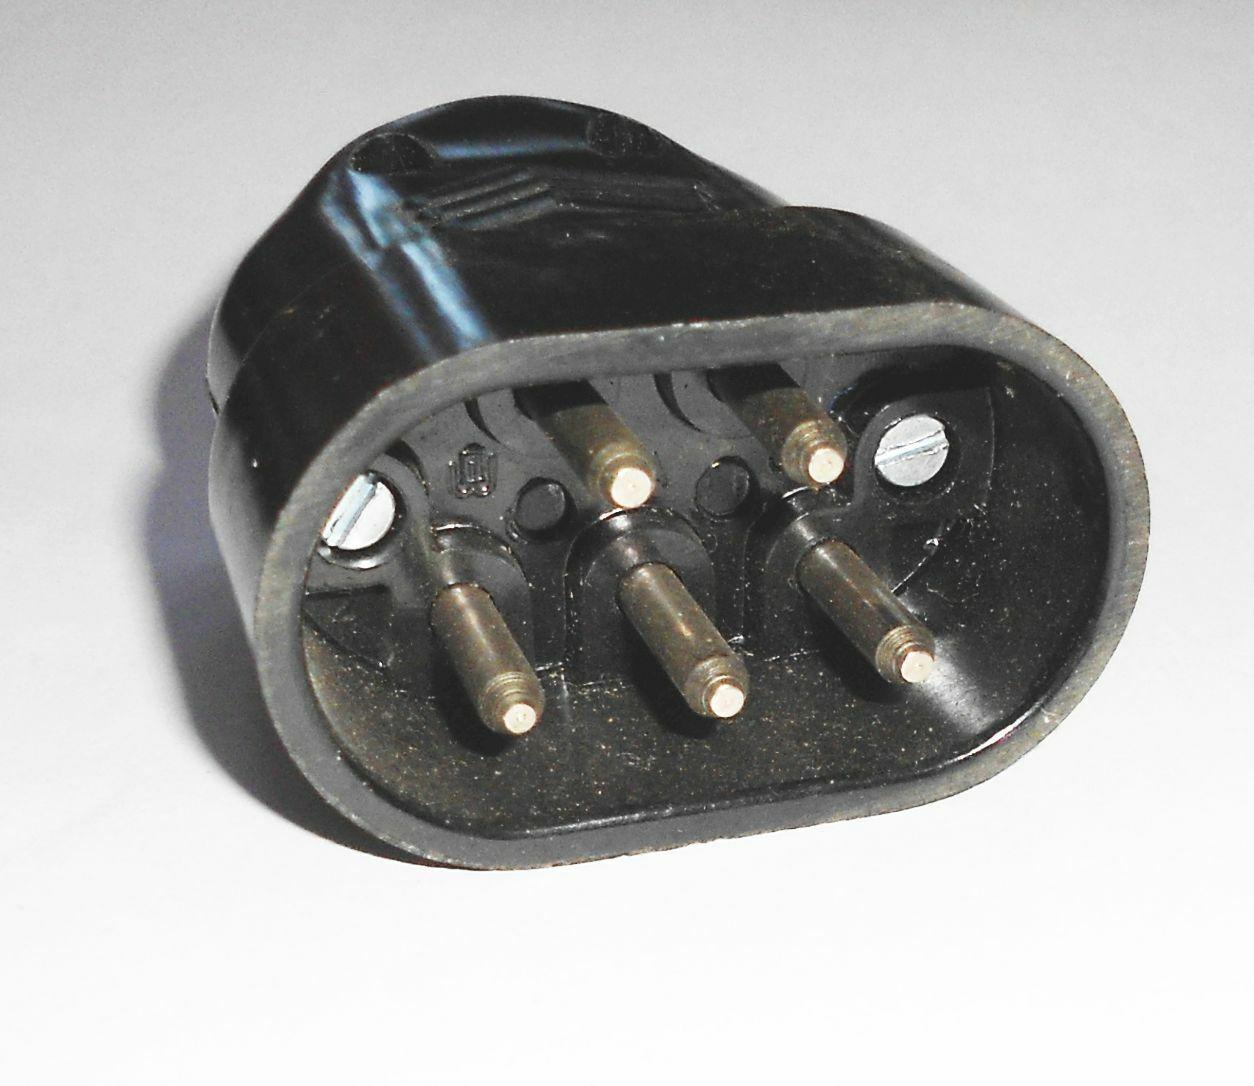 Zustand 1 von 7 Stück alte Bakelit Telefonstecker für Telefonanlage unbenutzt